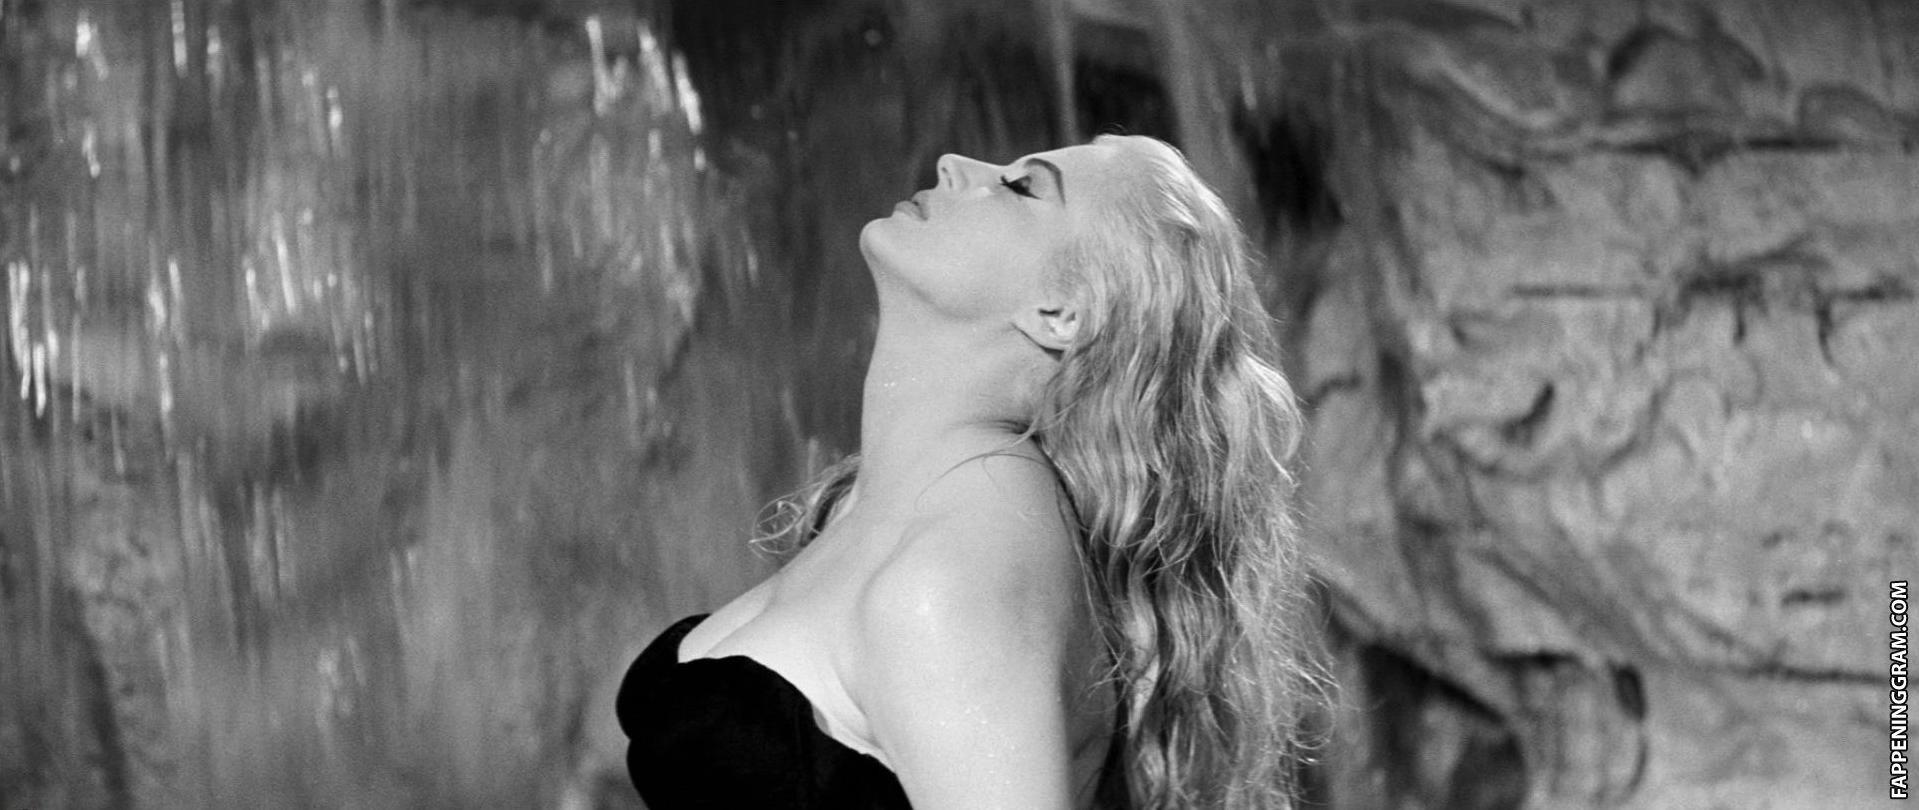 Anita ekberg naked